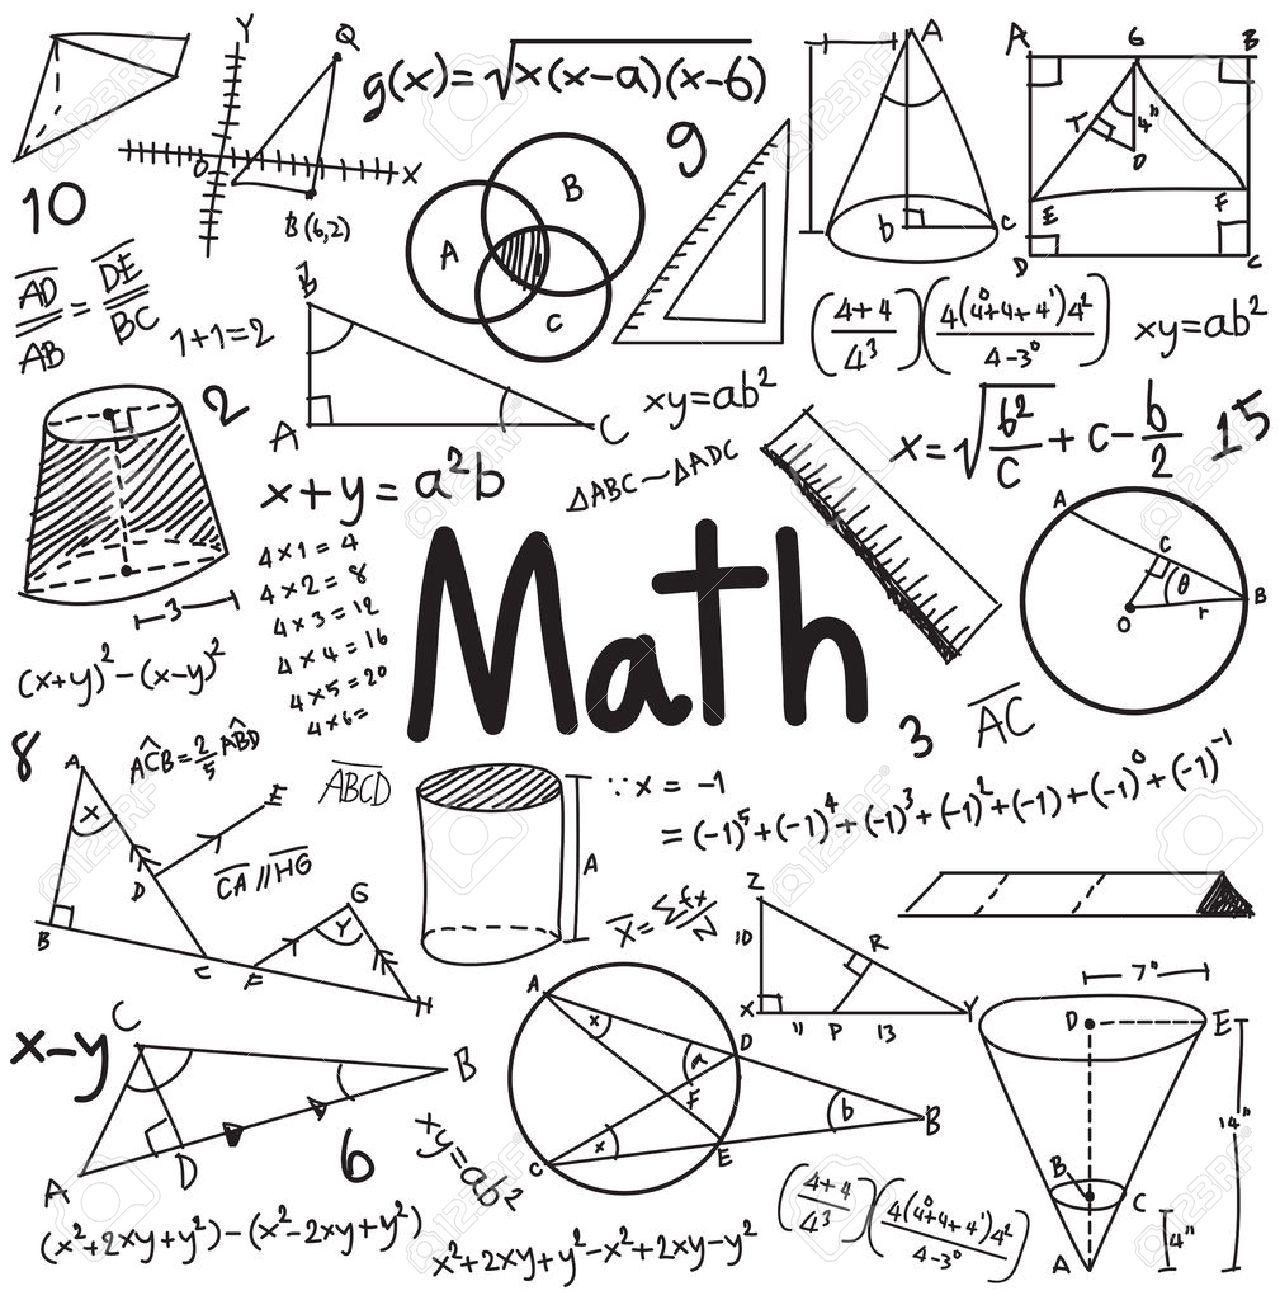 La Theorie Mathematique Et Mathematique Equation De Formule Doodle Ecriture Icone Dans Le Fond Blanc Isole Avec Le Modele Tire Par La Main Utilisee Pour L Ensei Cahier D Ecole Couvertures De Cahier